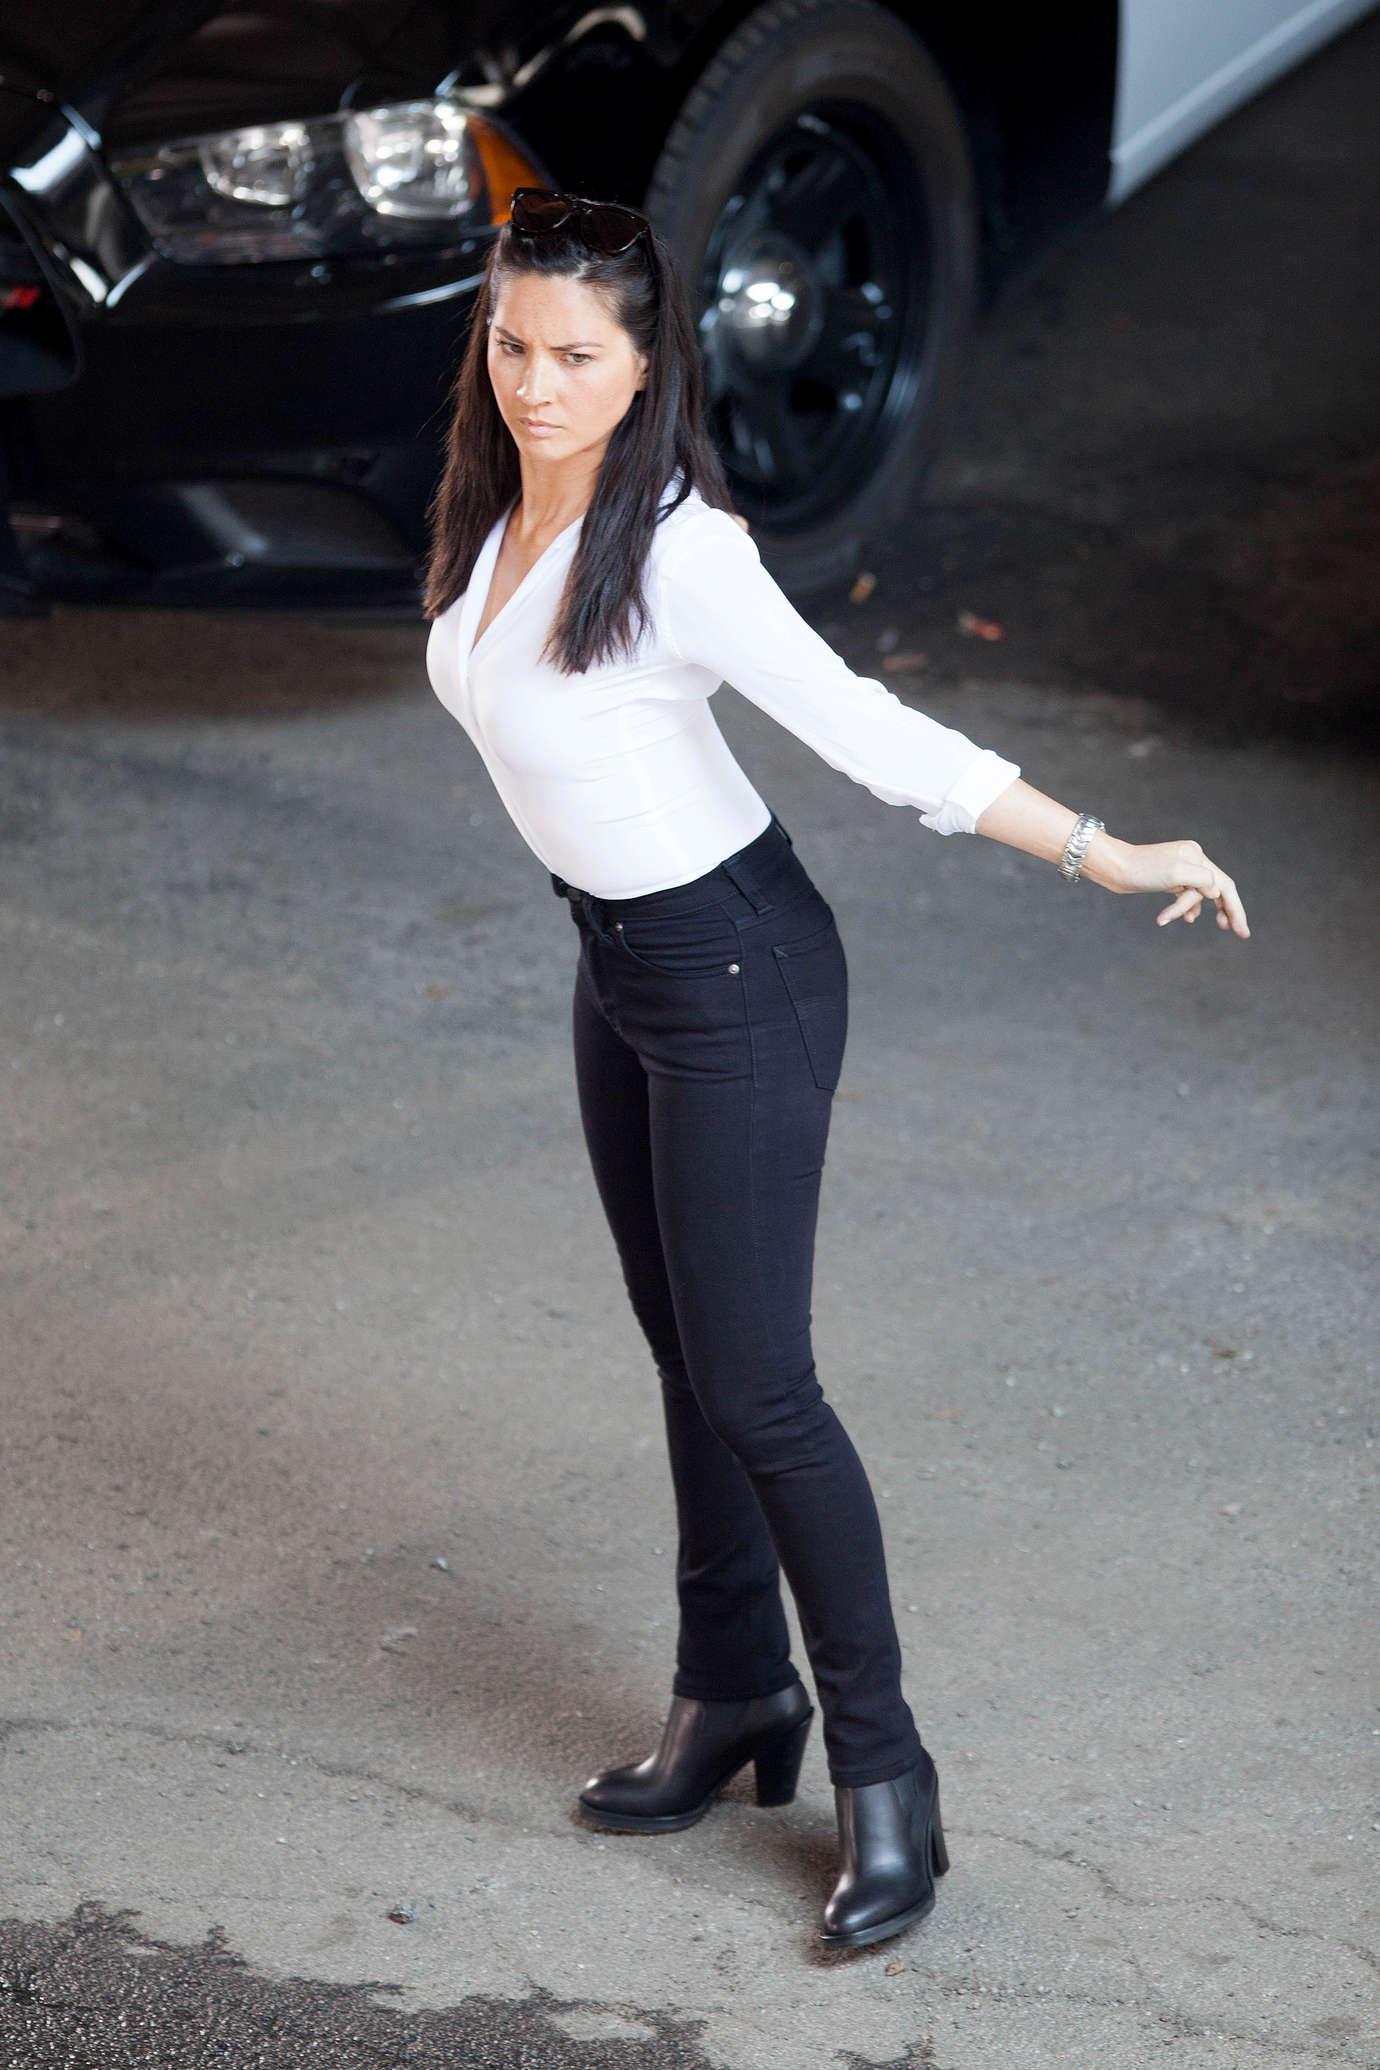 """Olivia Munn Hot in tight black pants at """"Ride Along 2"""" Set in Atlanta"""